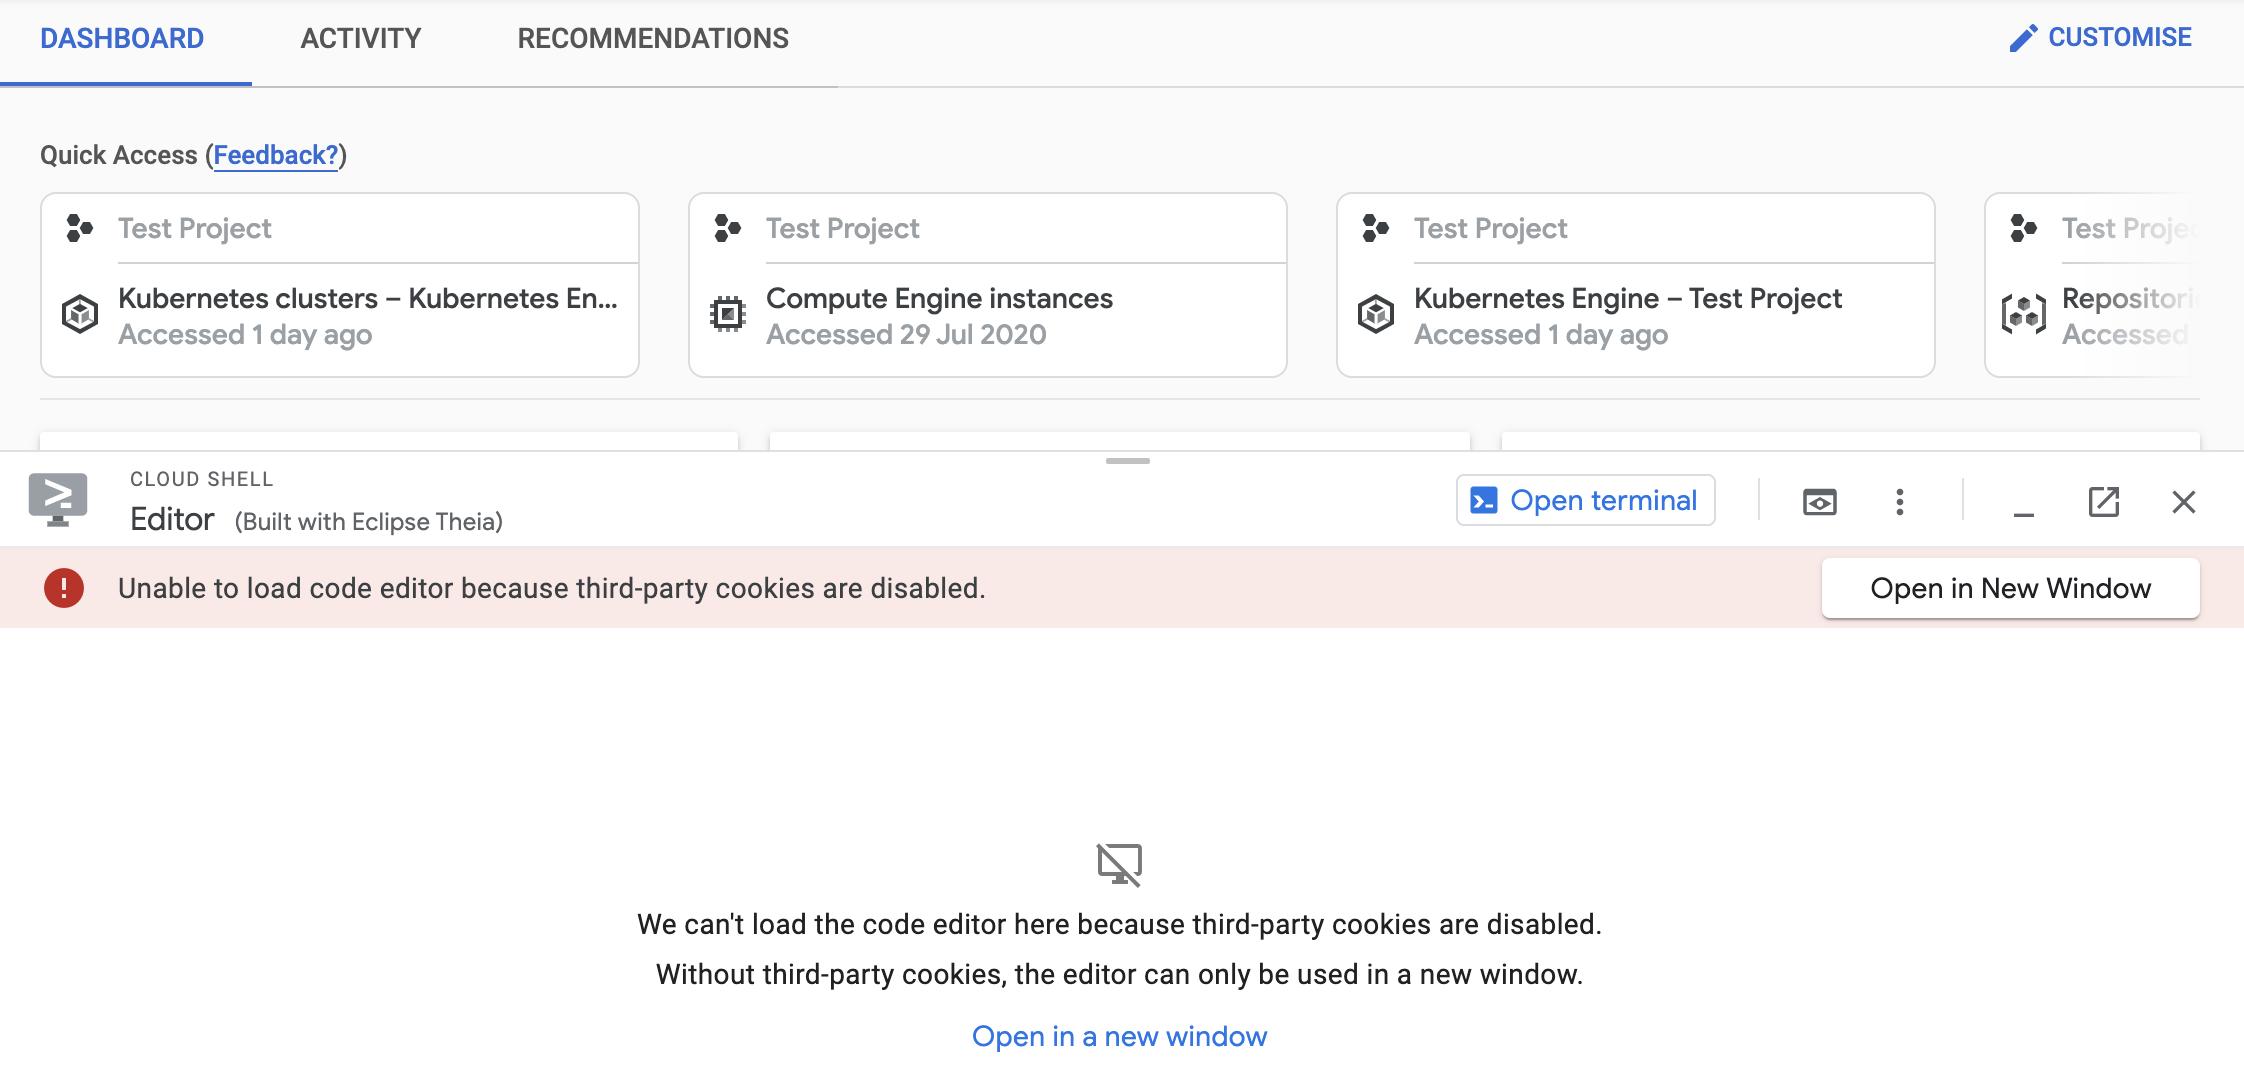 Panneau de l'éditeur expliquant que l'éditeur de code n'a pas pu être chargé à cause du blocage de cookies tiers, avec un lien pour ouvrir l'éditeur dans une nouvelle fenêtre